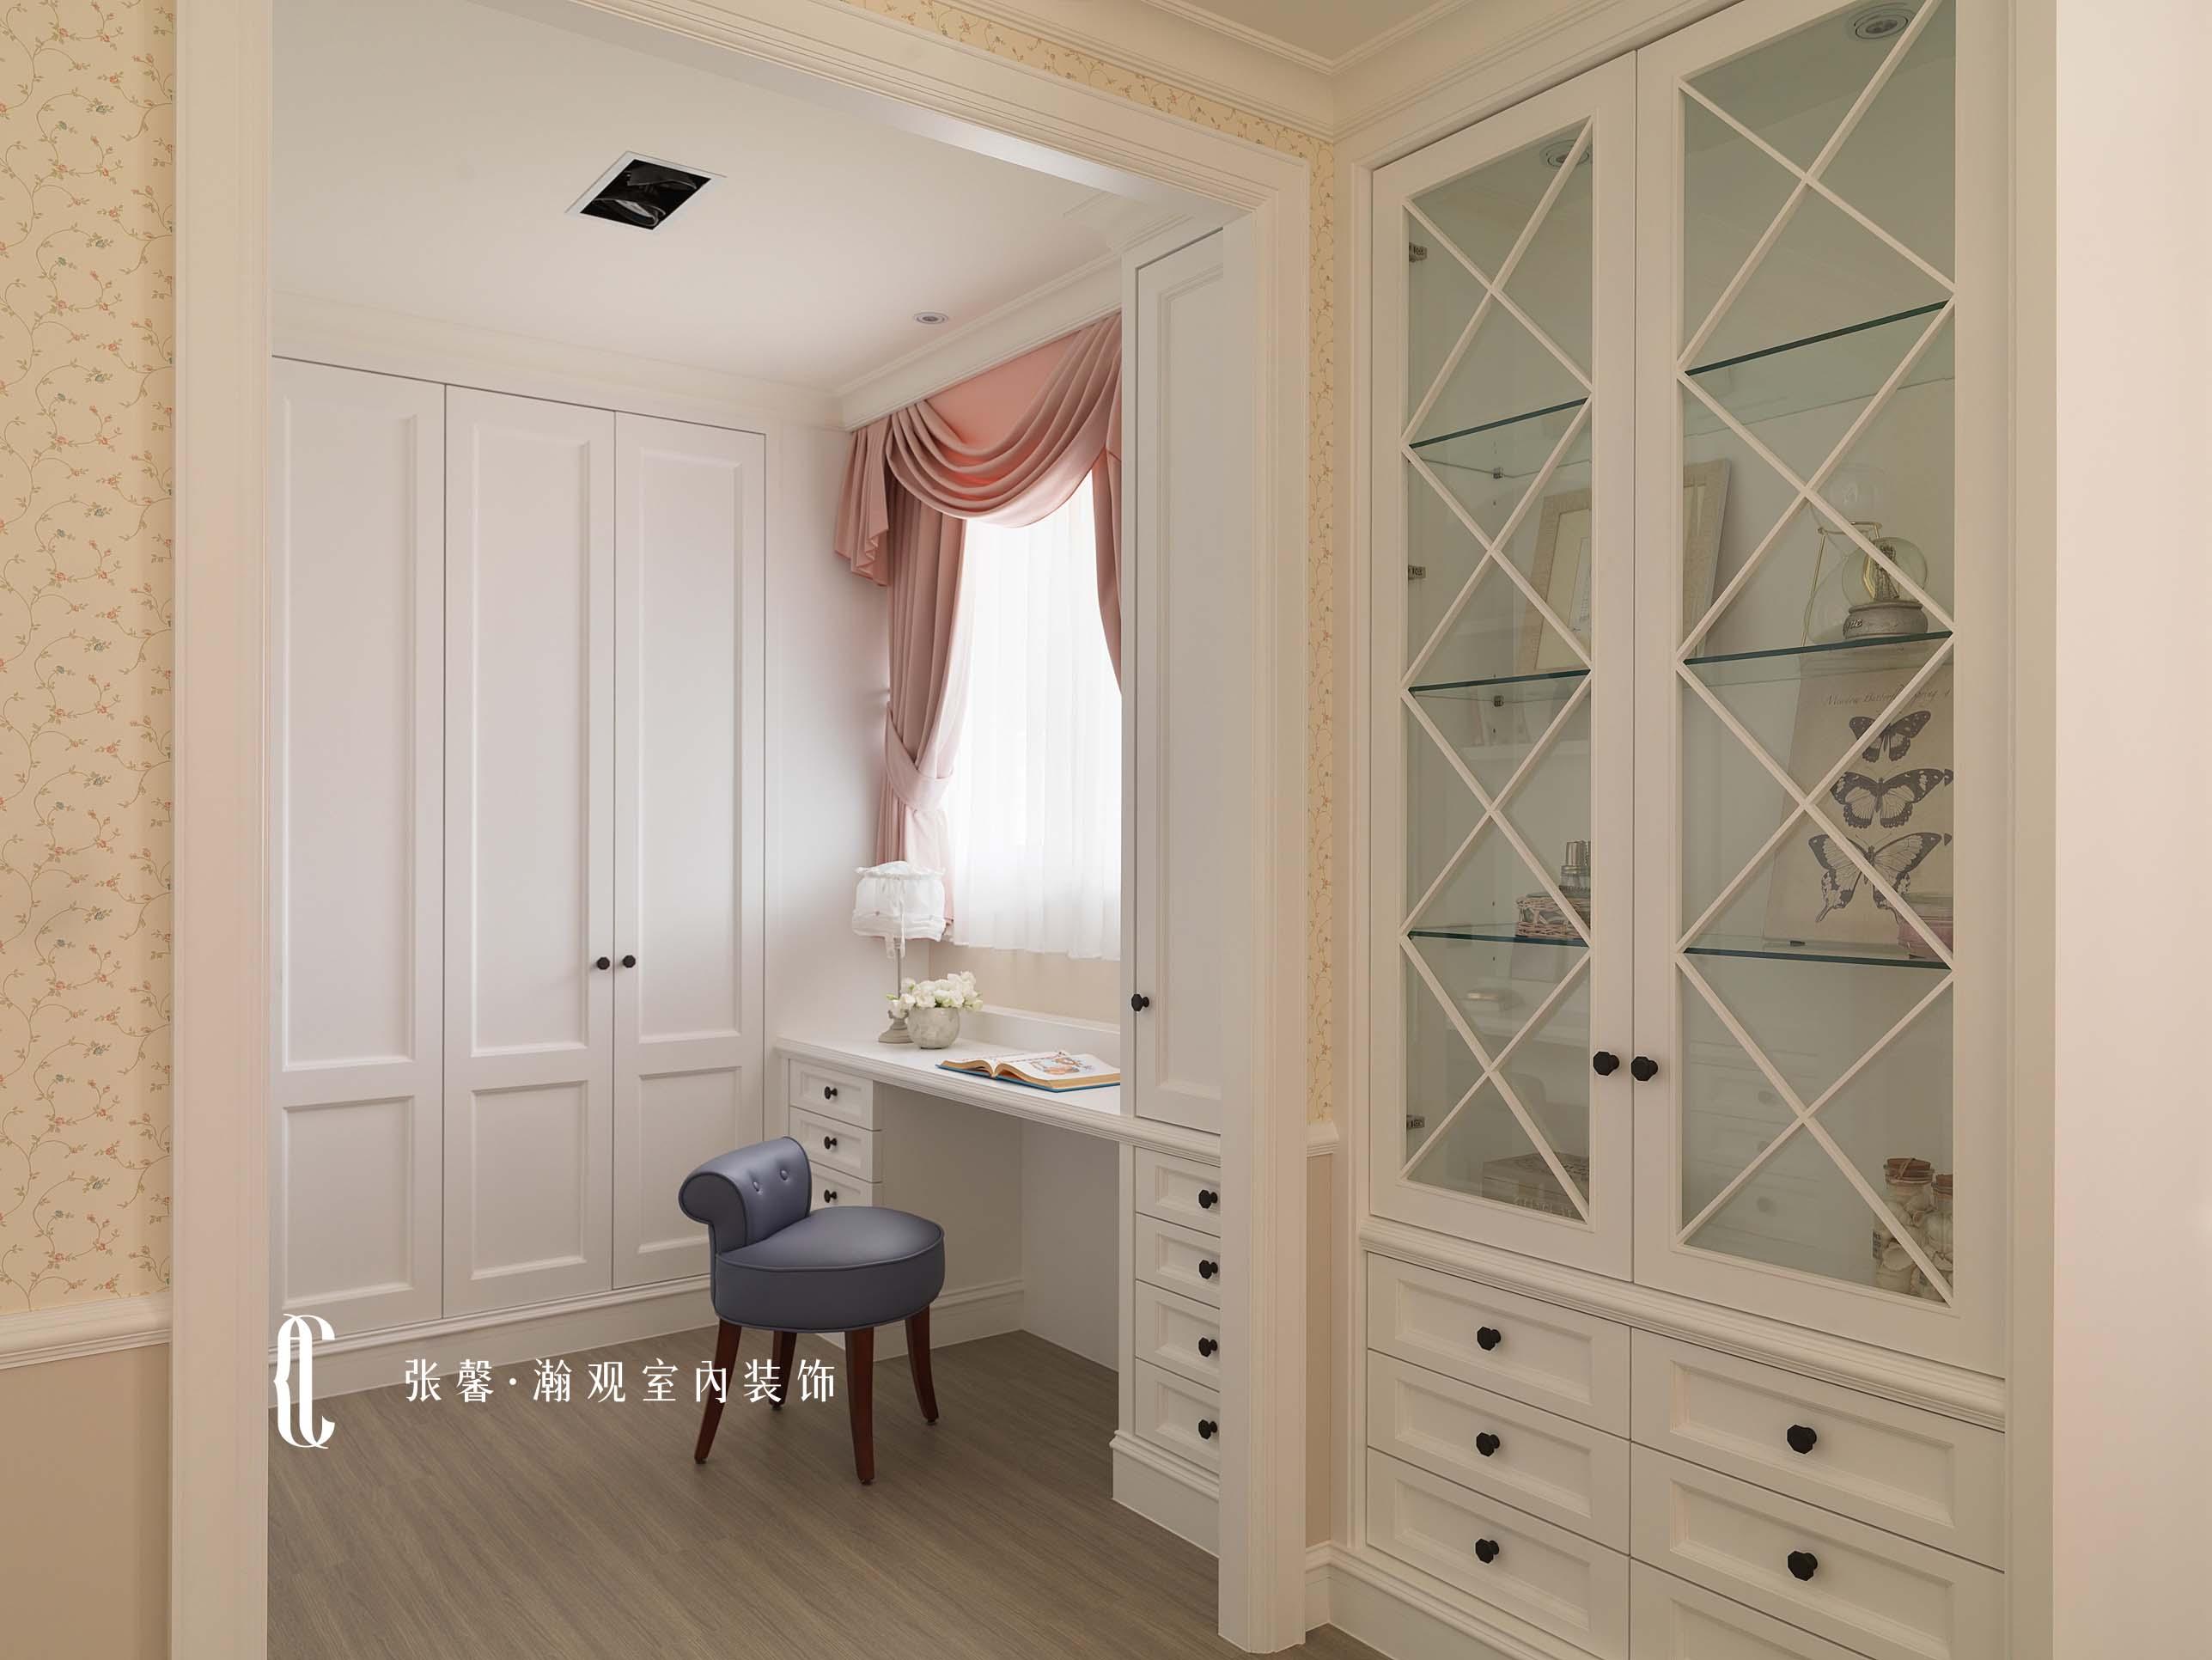 衣帽间图片来自张馨_瀚观室内装饰在王与后 城堡梦的分享